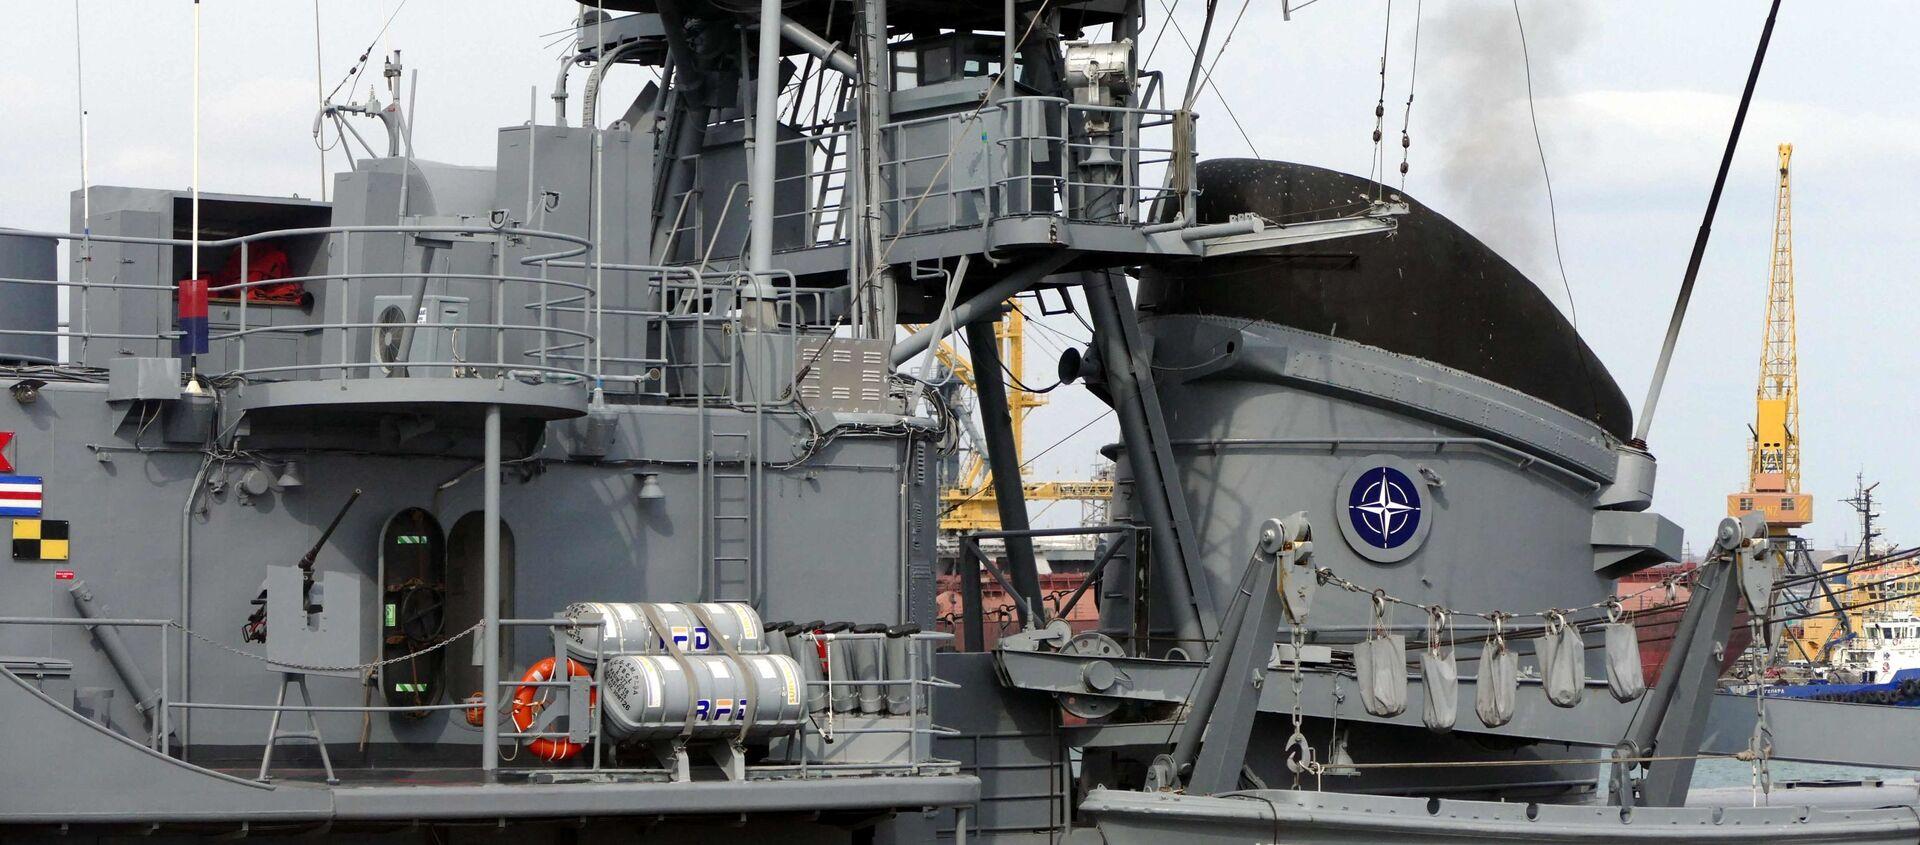 В порт Одессы вошли военные корабли НАТО - Sputnik Абхазия, 1920, 12.07.2021